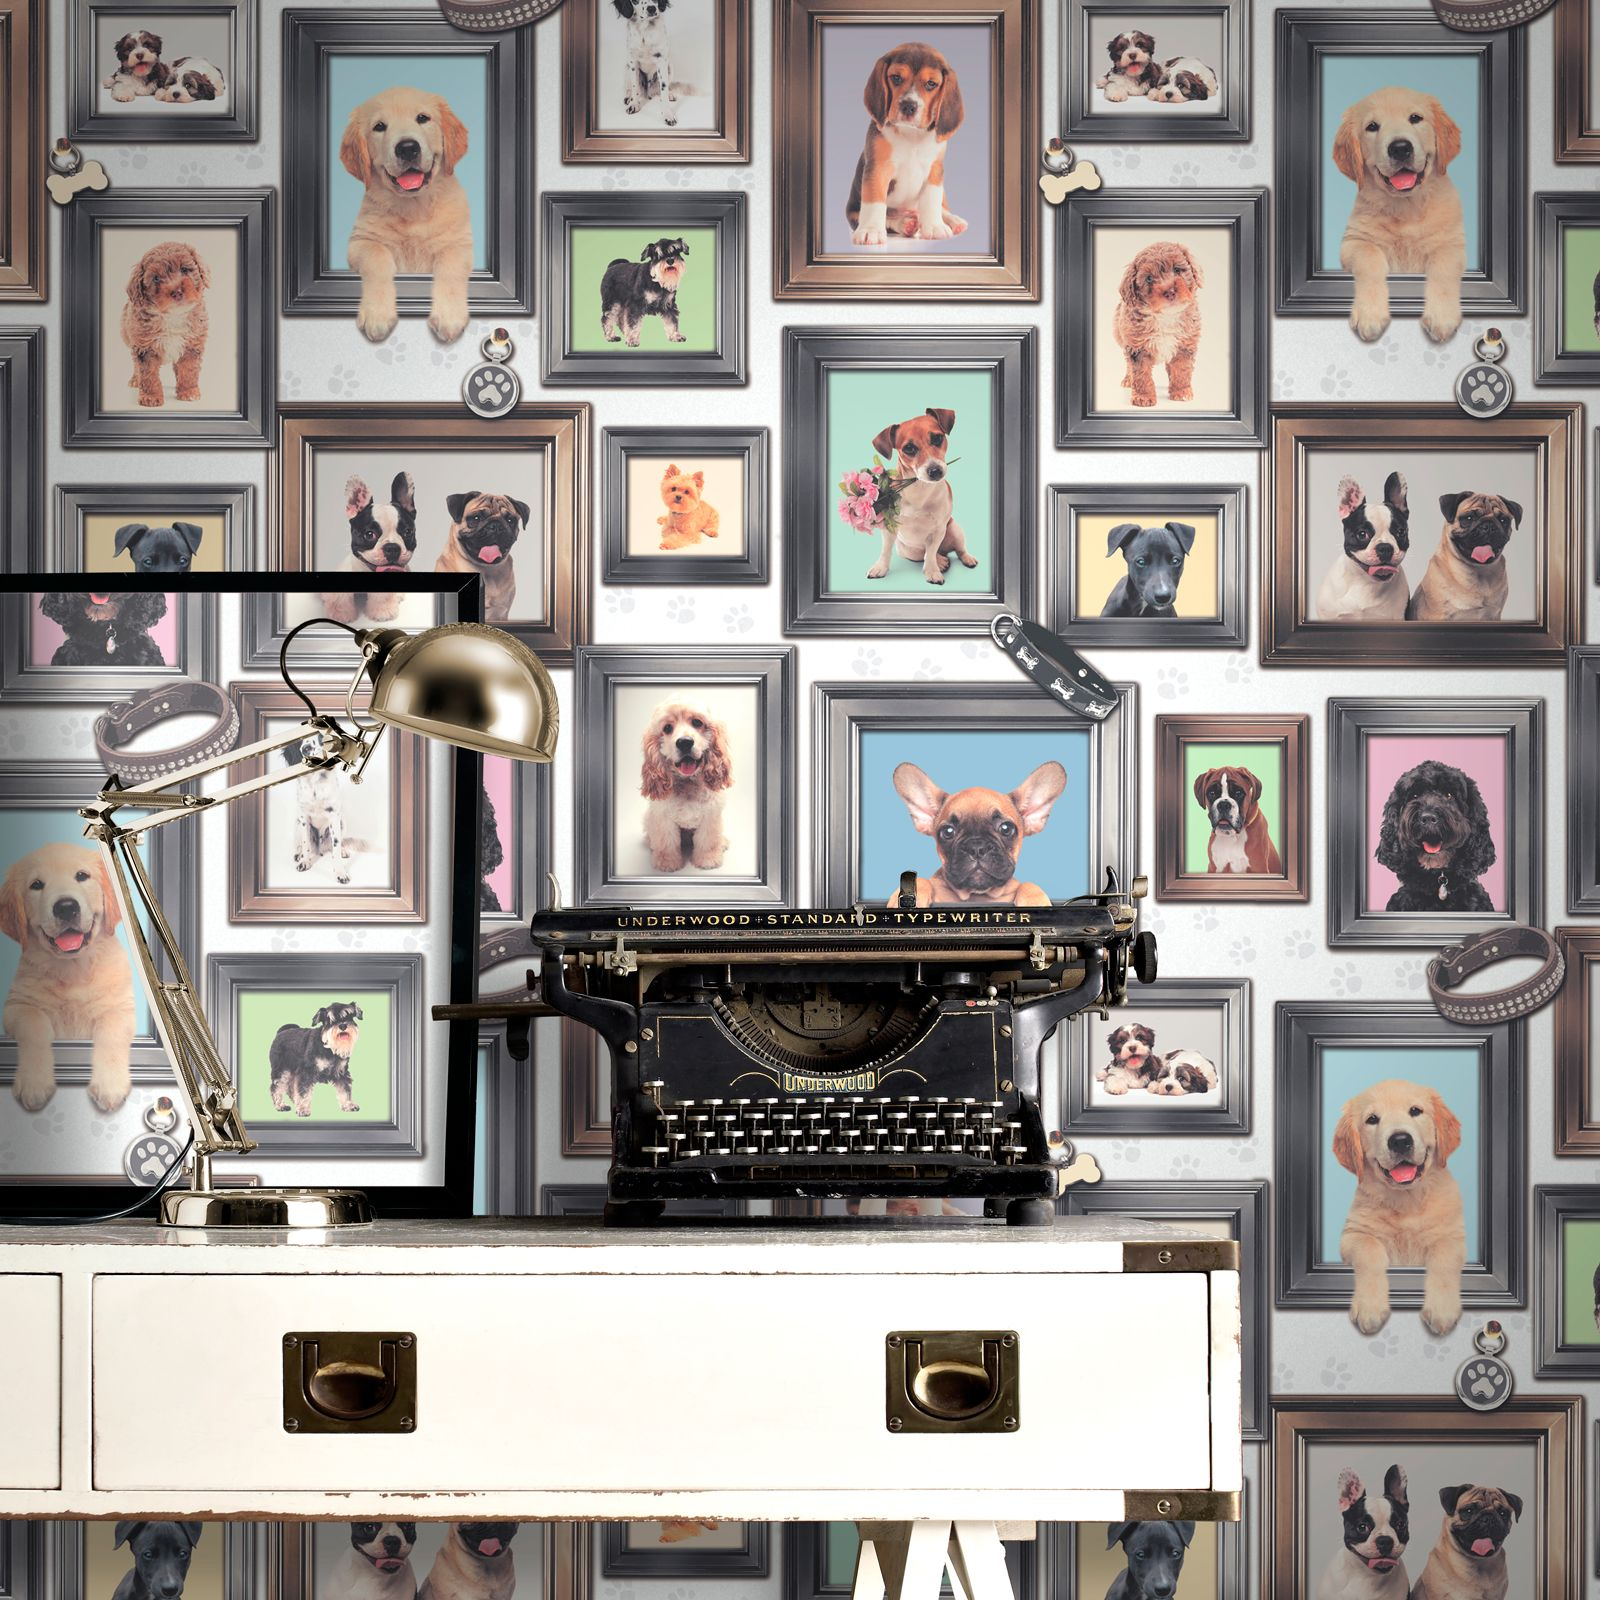 Puppy Wallpaper For Bedroom Puppy Love Wallpaper Rasch 272703 Puppies Girls Bedroom Ebay